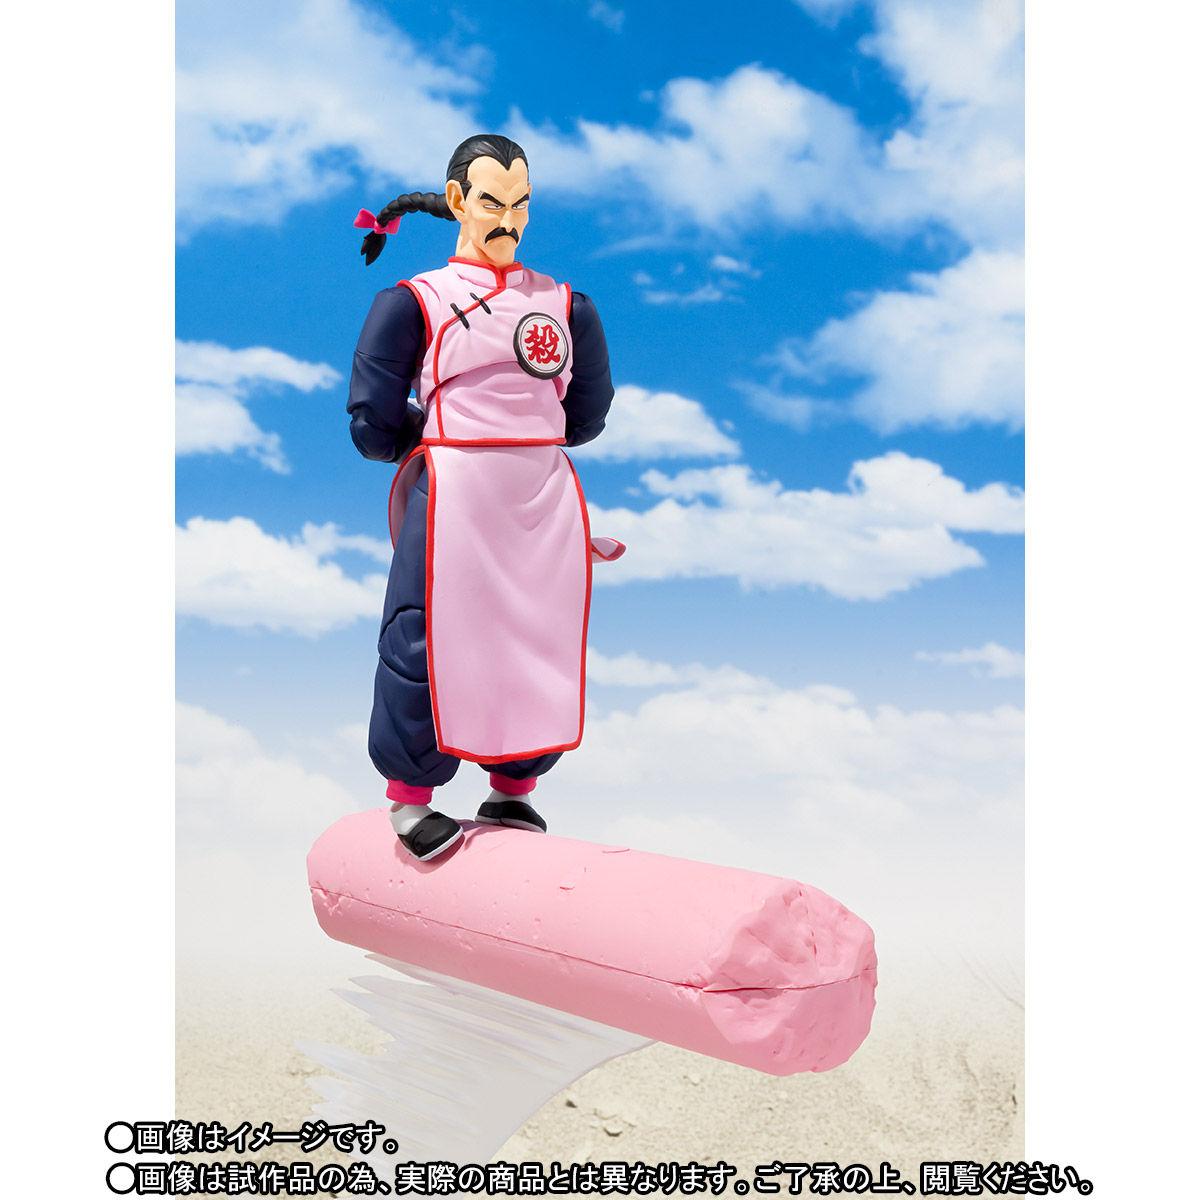 【限定販売】S.H.フィギュアーツ『桃白白』ドラゴンボール 可動フィギュア-006